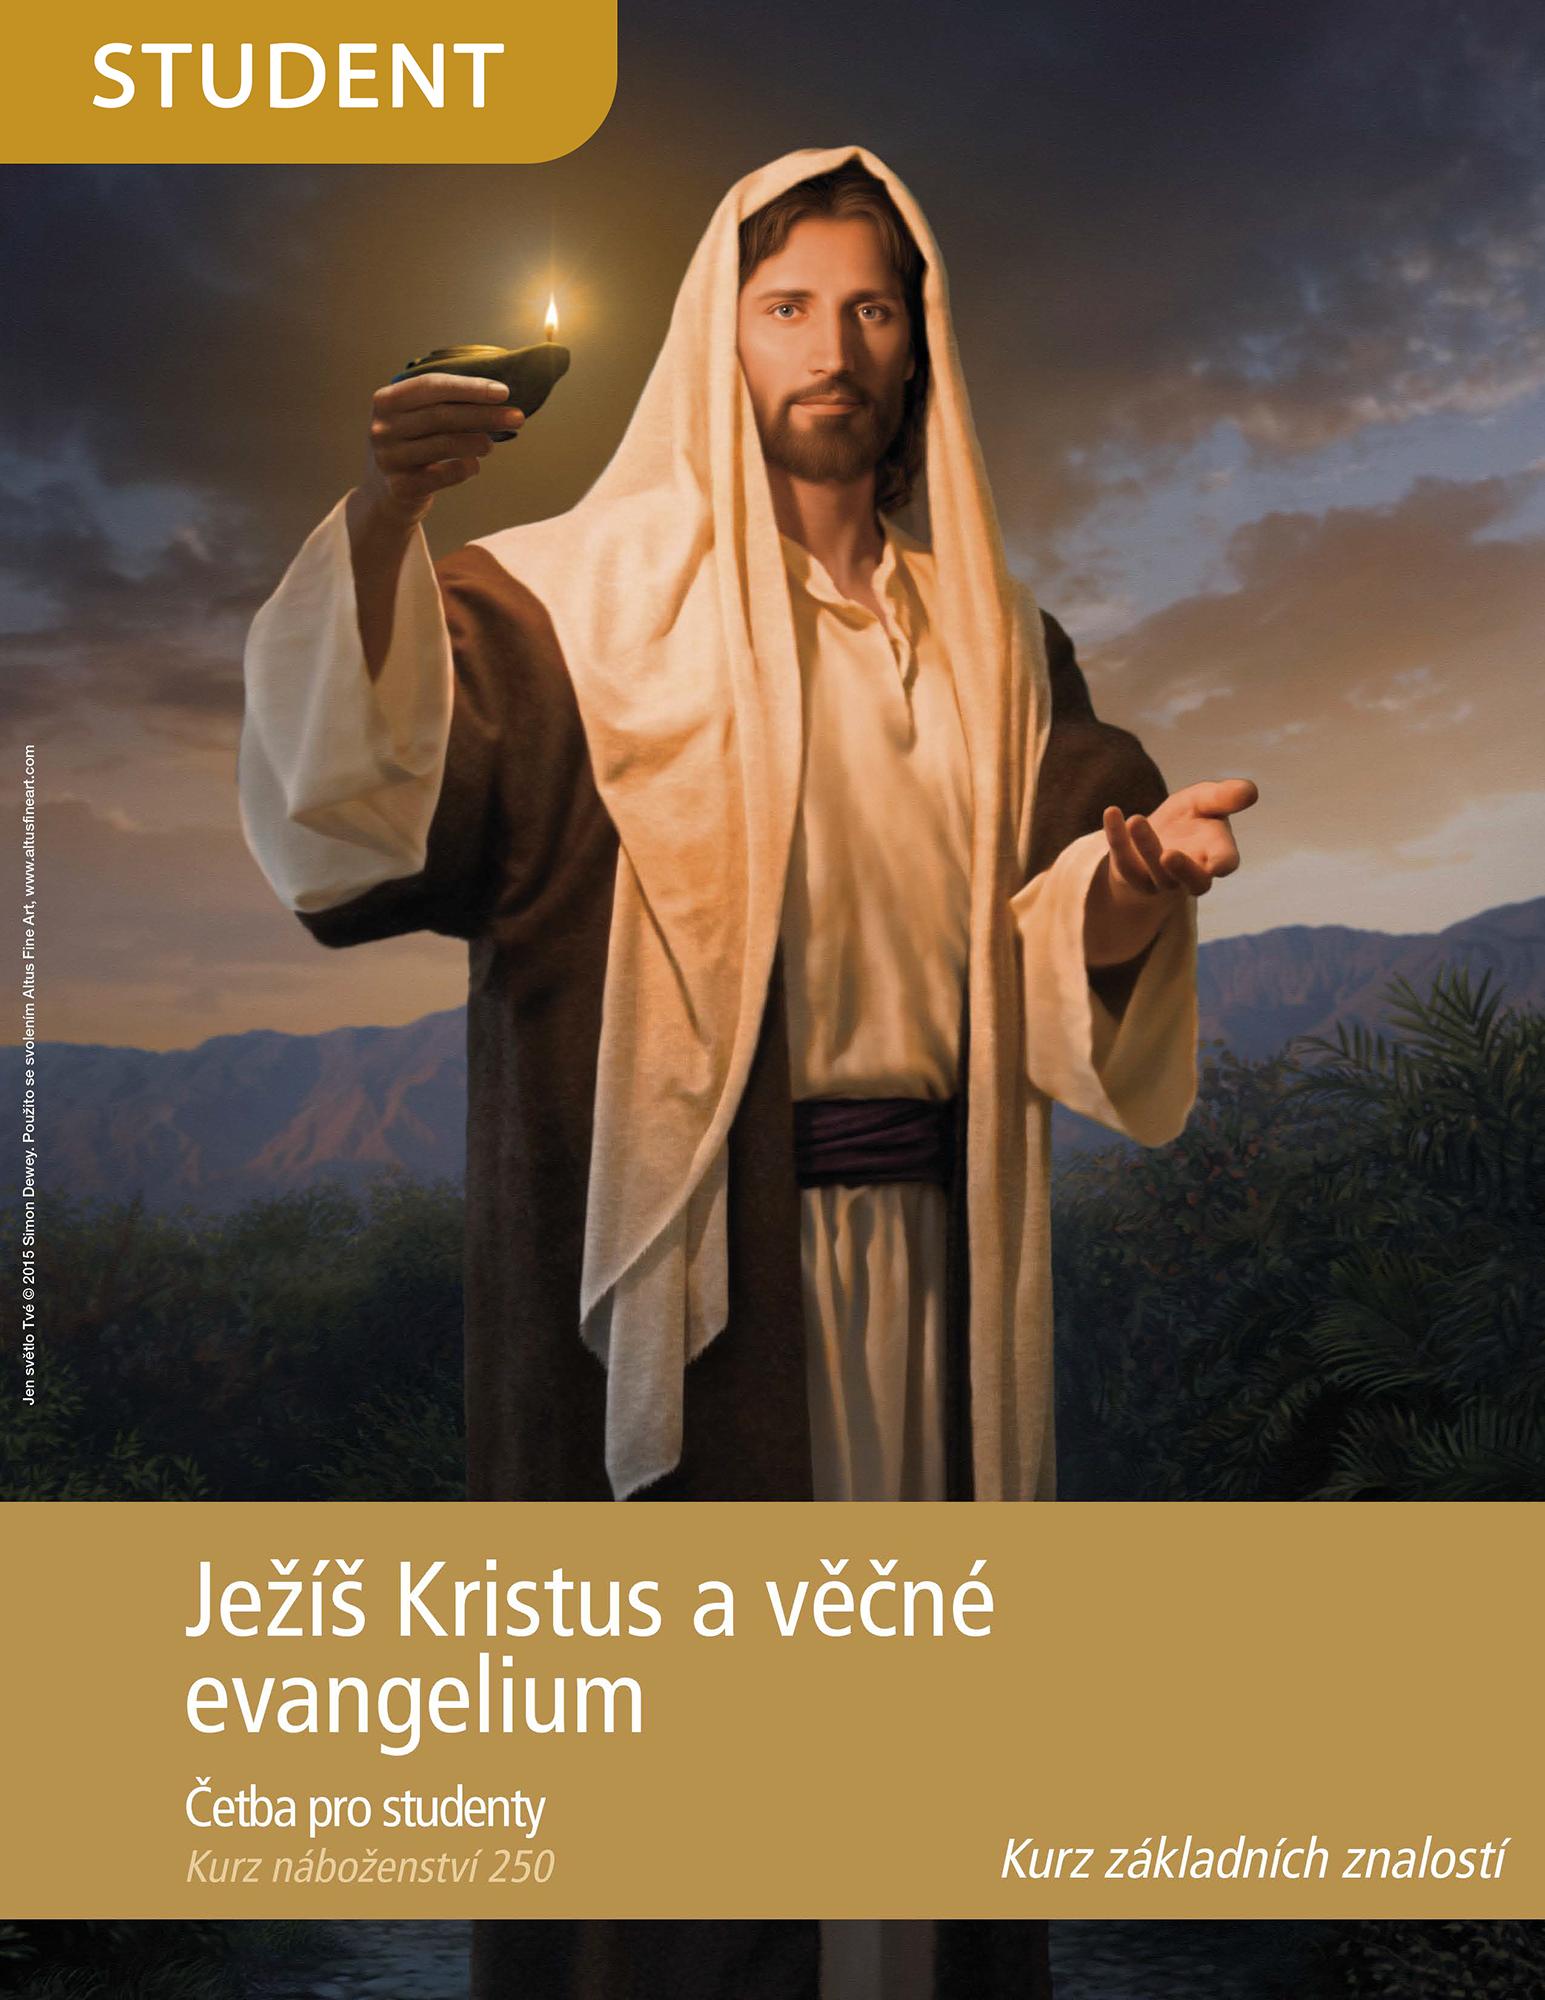 Ježíš Kristus avěčné evangelium – četba pro studenty (Kurz 250)